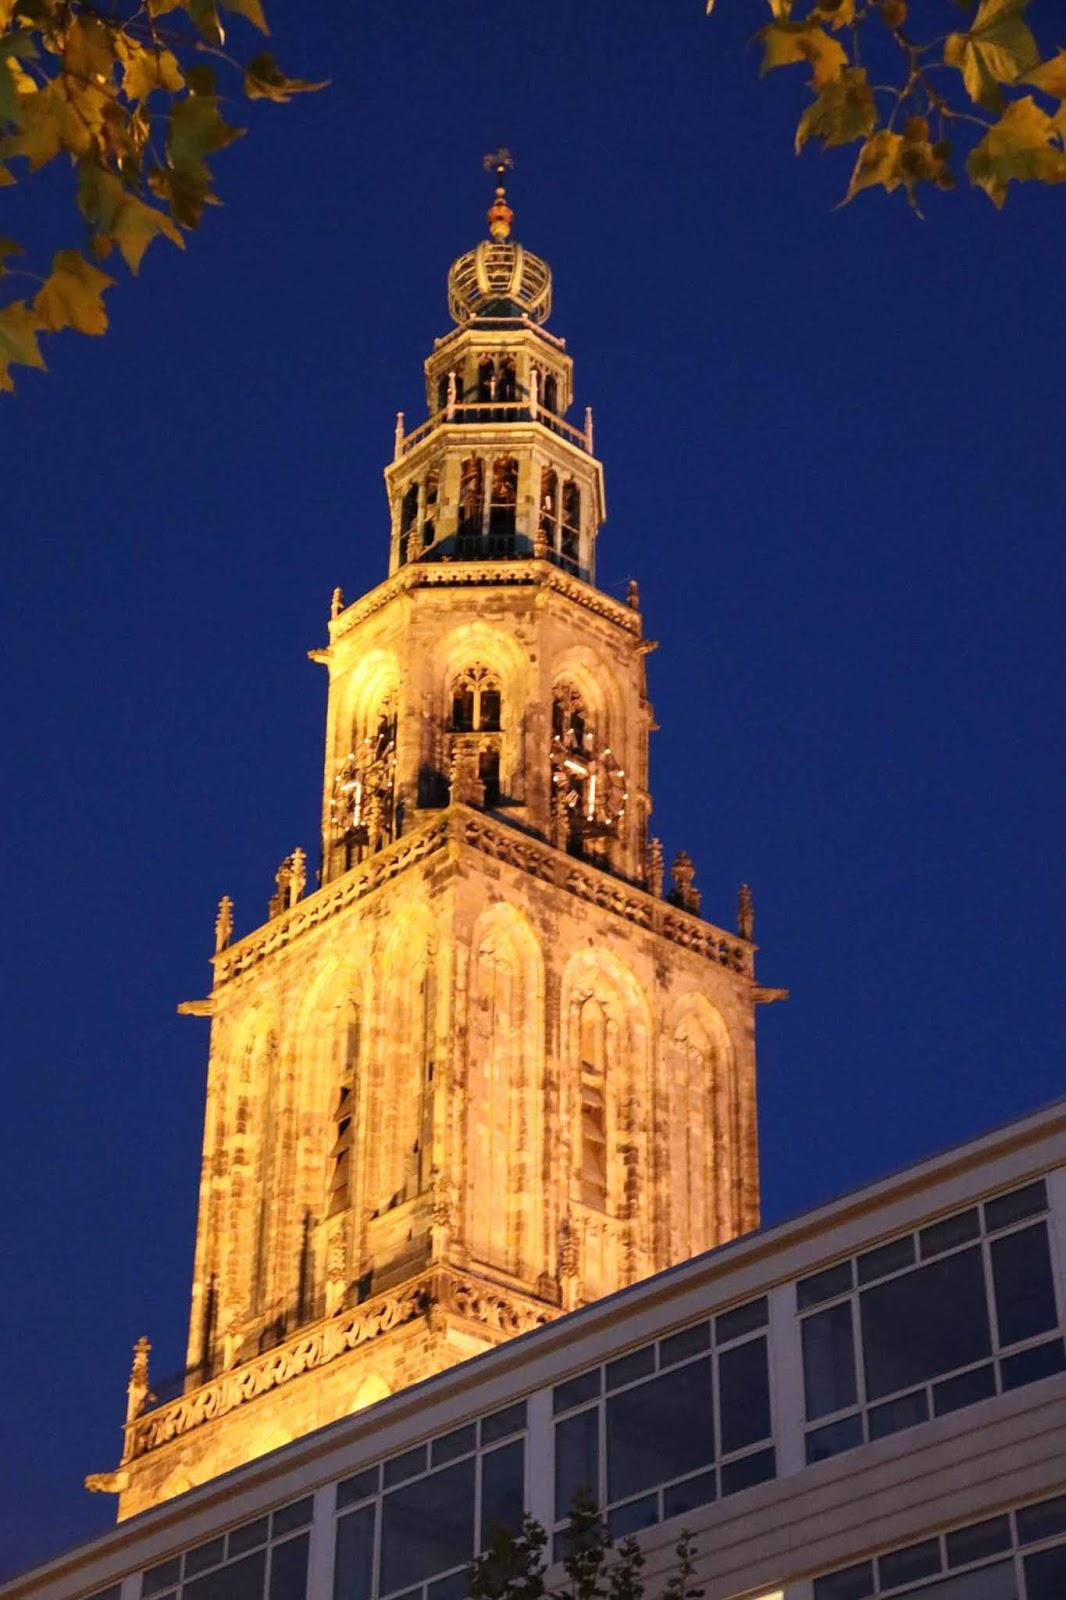 Martinikerk Groningen Church